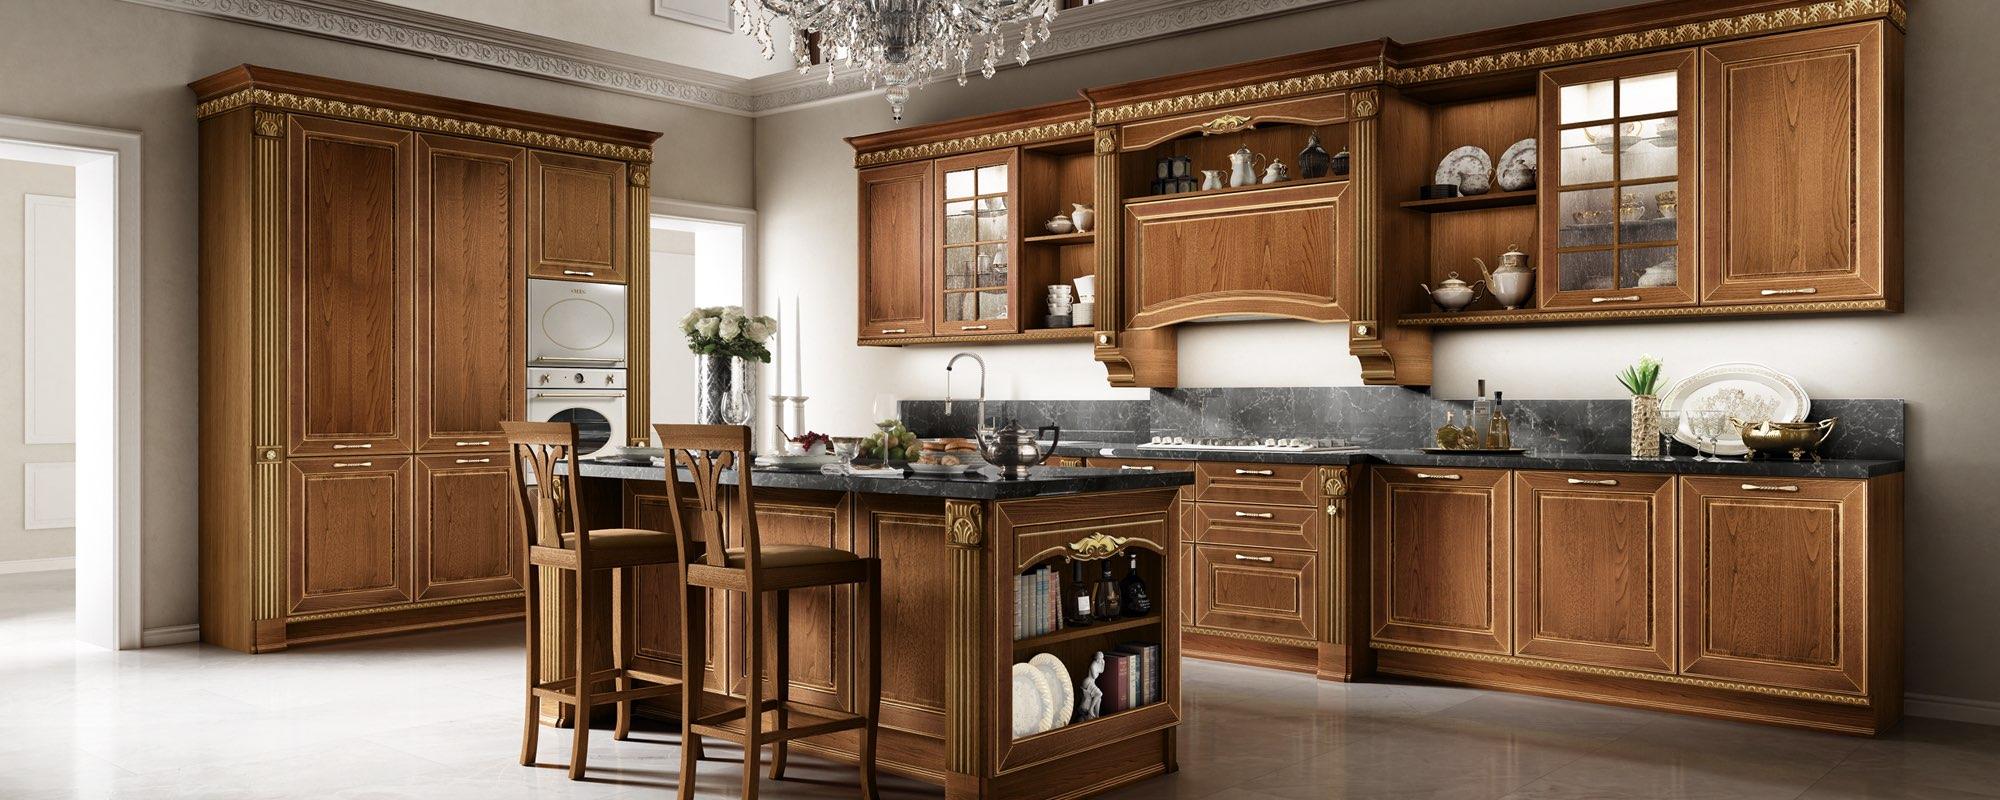 Cucine classiche| Pegognaga | Stosa Cucine Mantova di Andreoli Omar